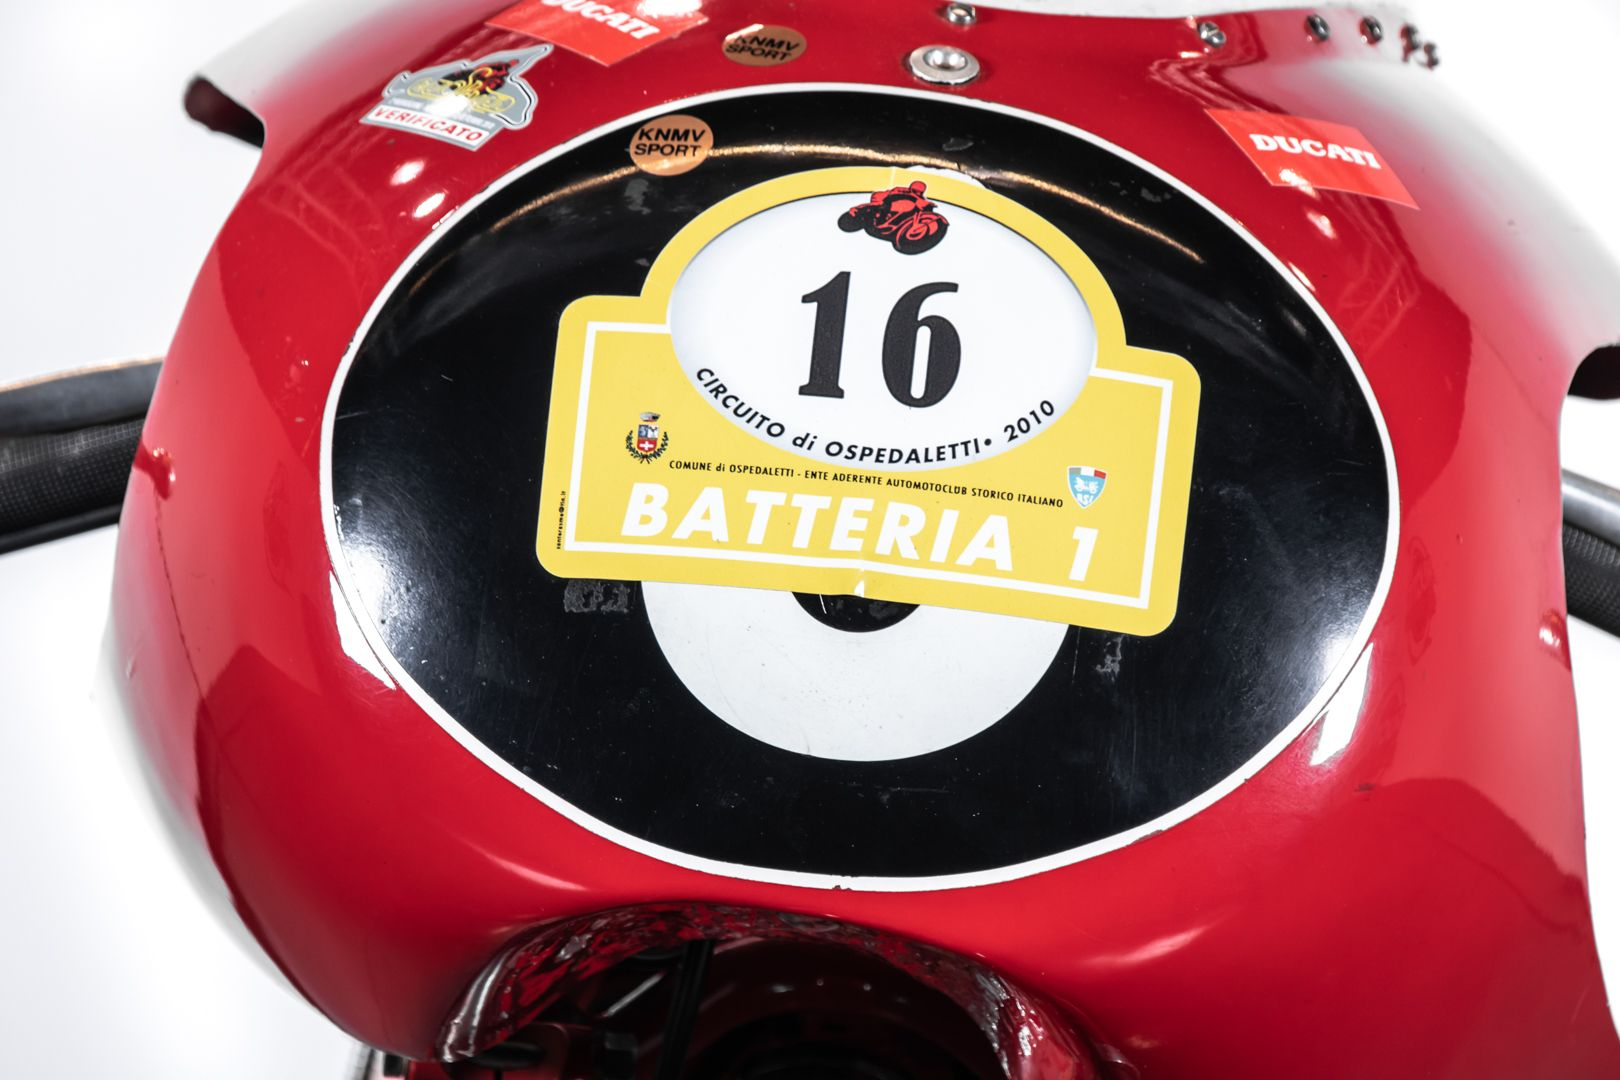 1957 Ducati 125 Bialbero Corsa 77170